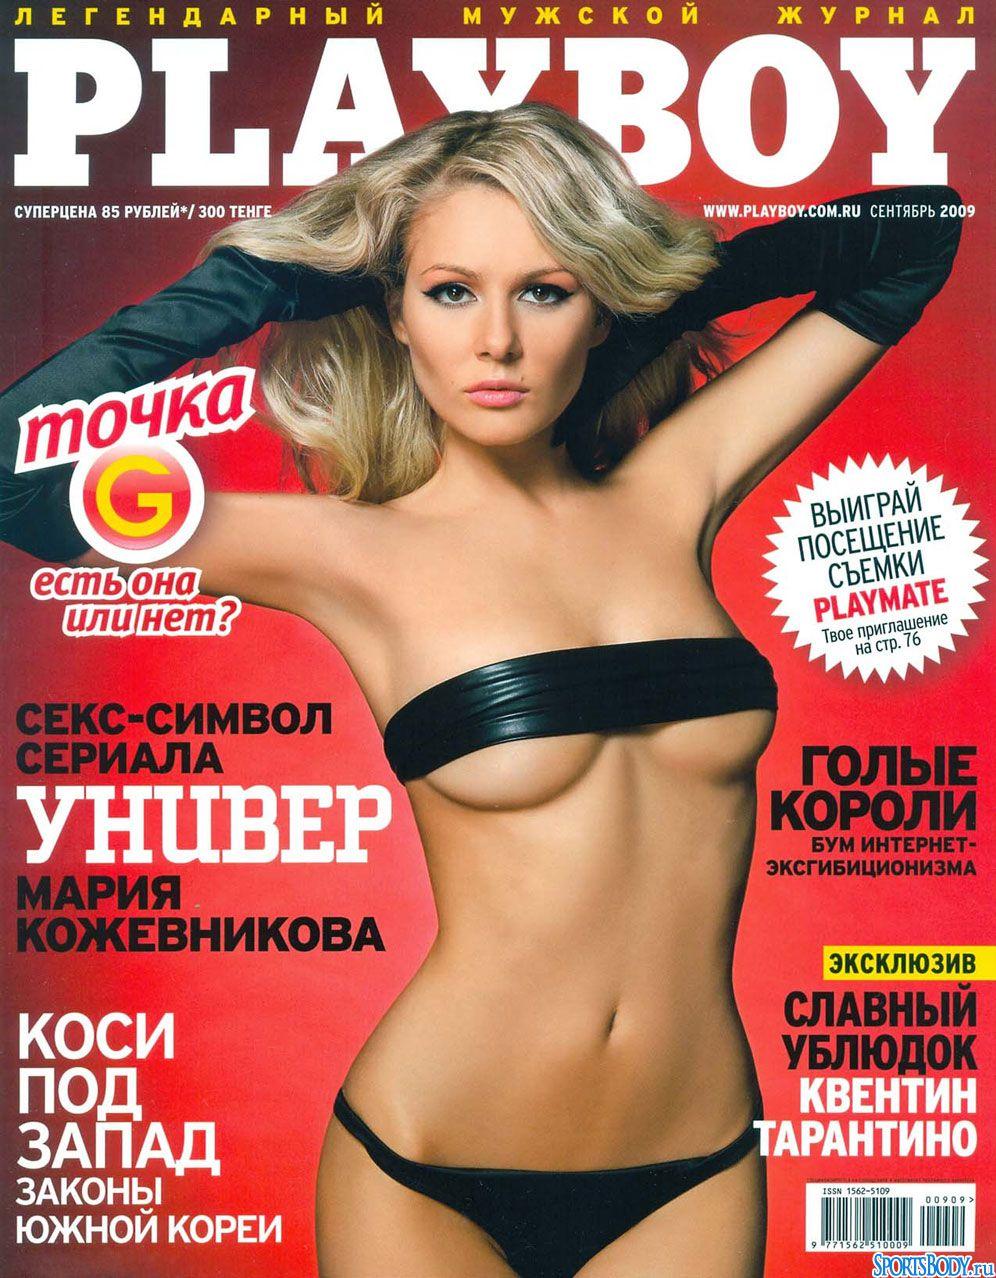 http://parodynews.files.wordpress.com/2011/12/03_maria_kozhevnikova_b.jpg